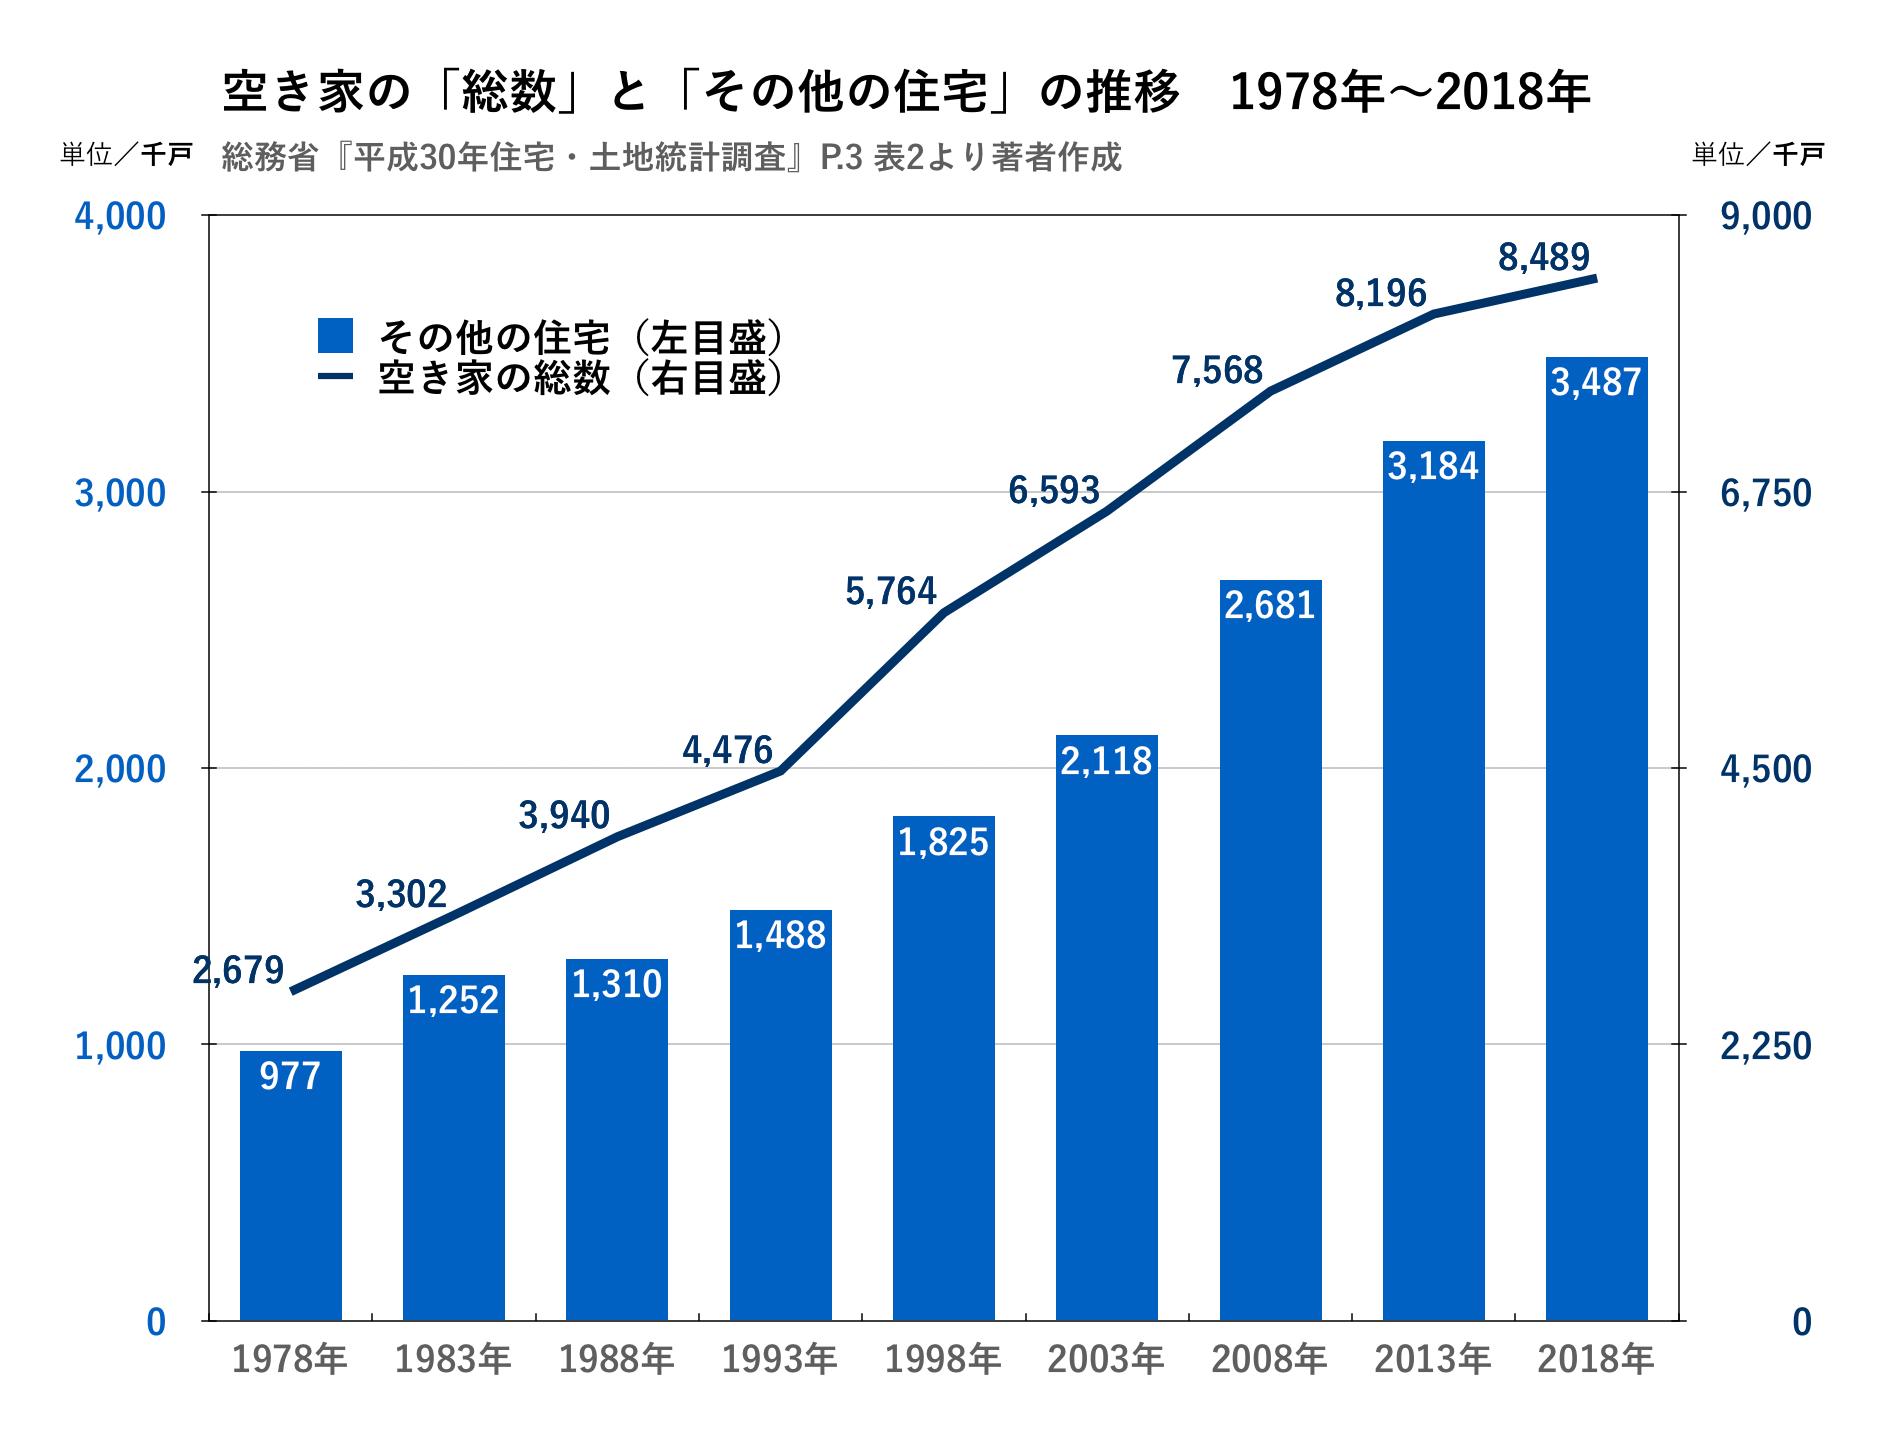 空き家の統計のうち、その他の住宅が上昇していることを示す図